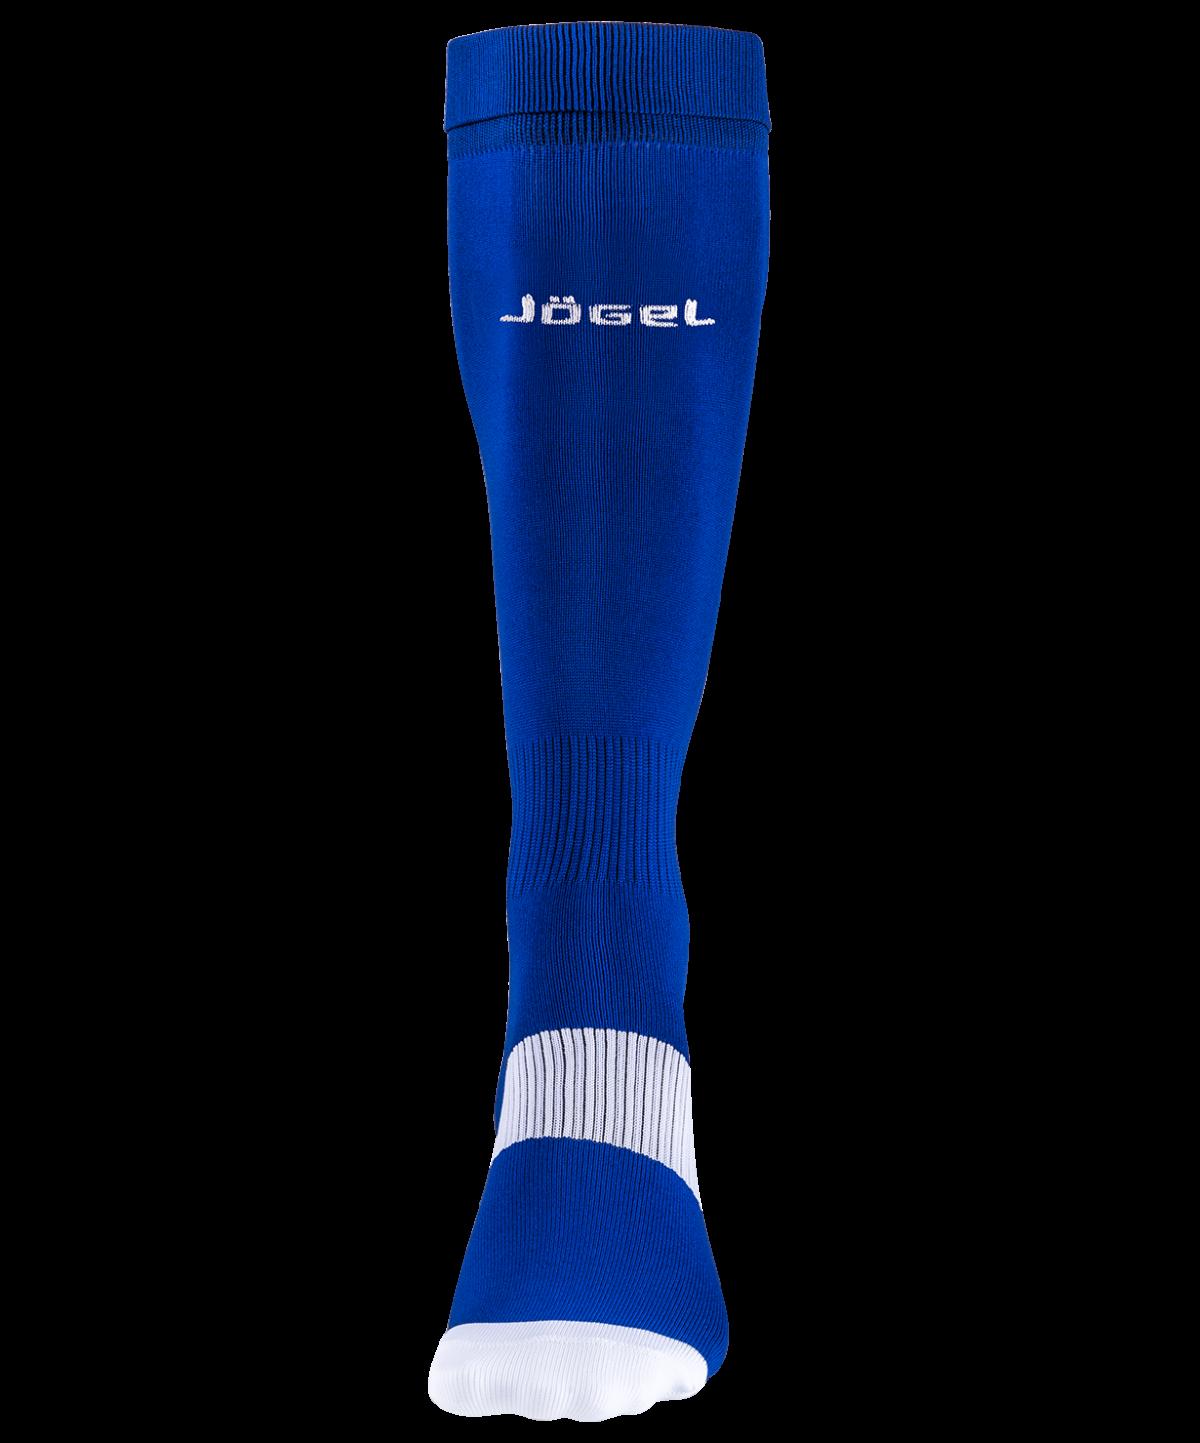 JOGEL Гетры футбольные, синий/белый  JA-001 - 3